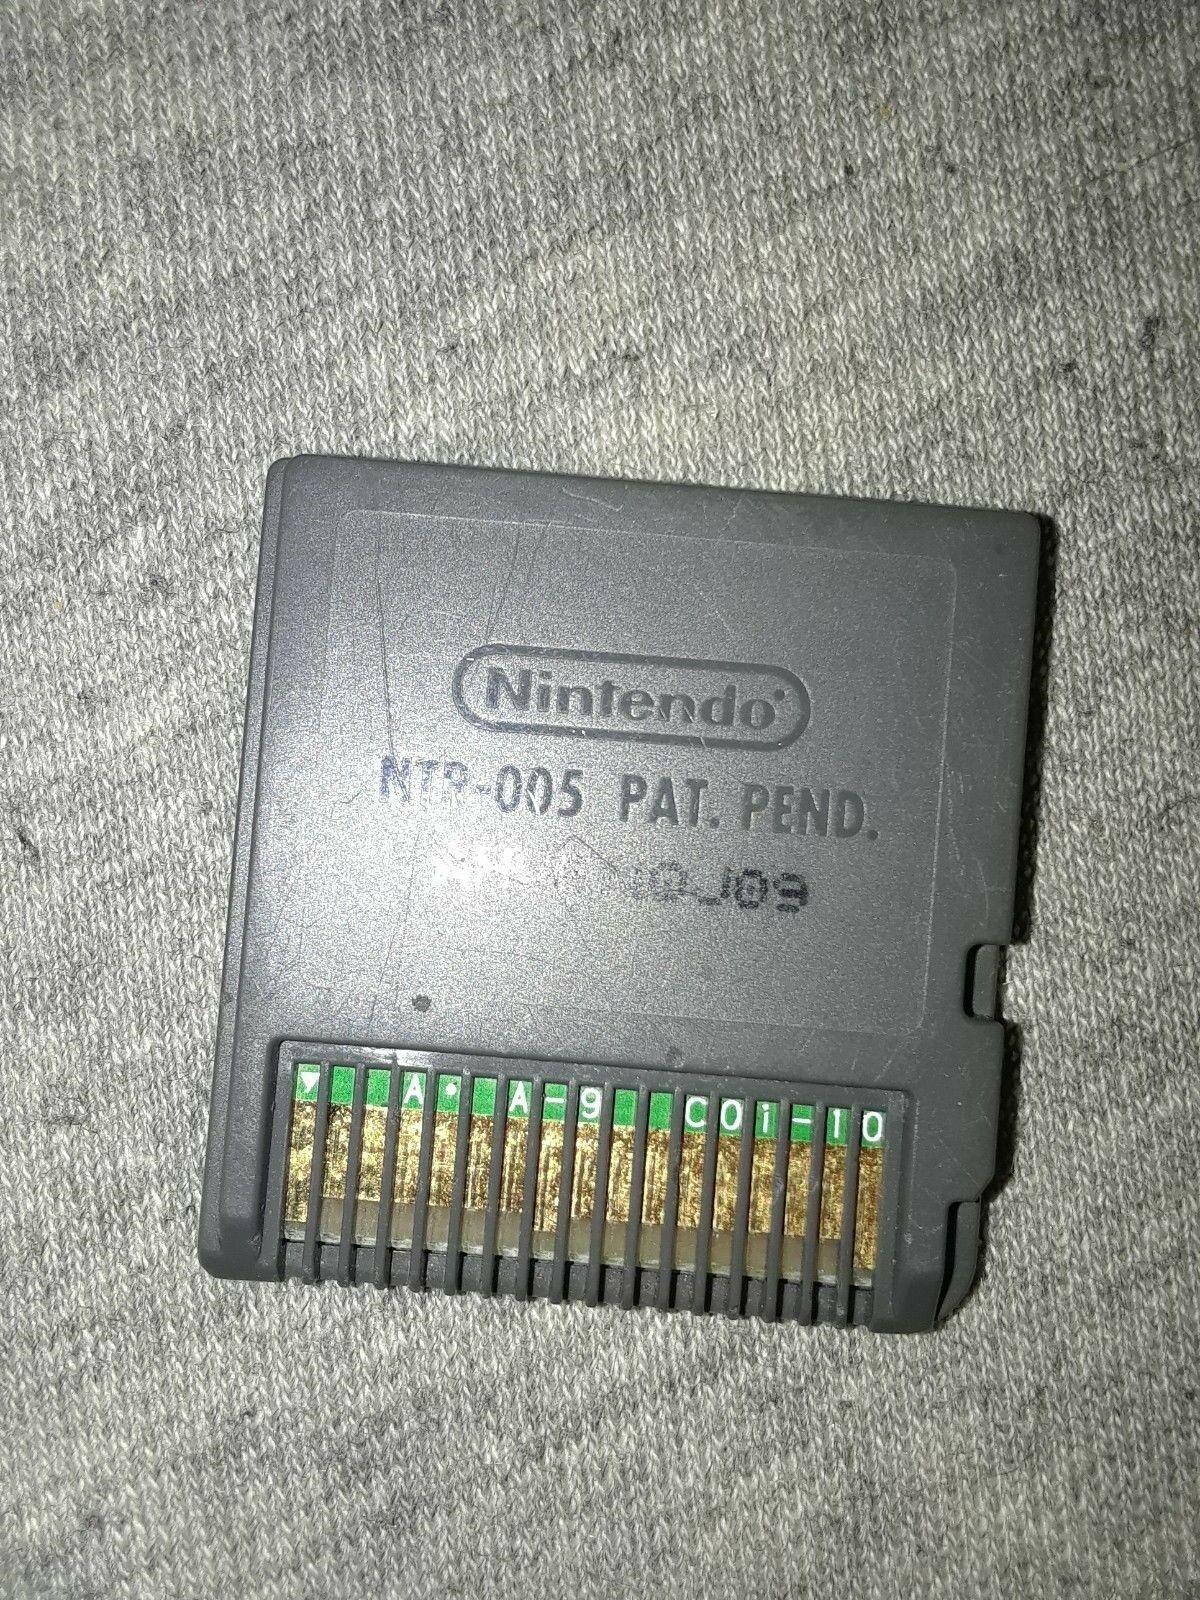 Scurge: Hive Nintendo DS, 2006) Patrone nur Selten Spiel Authentic USA Release